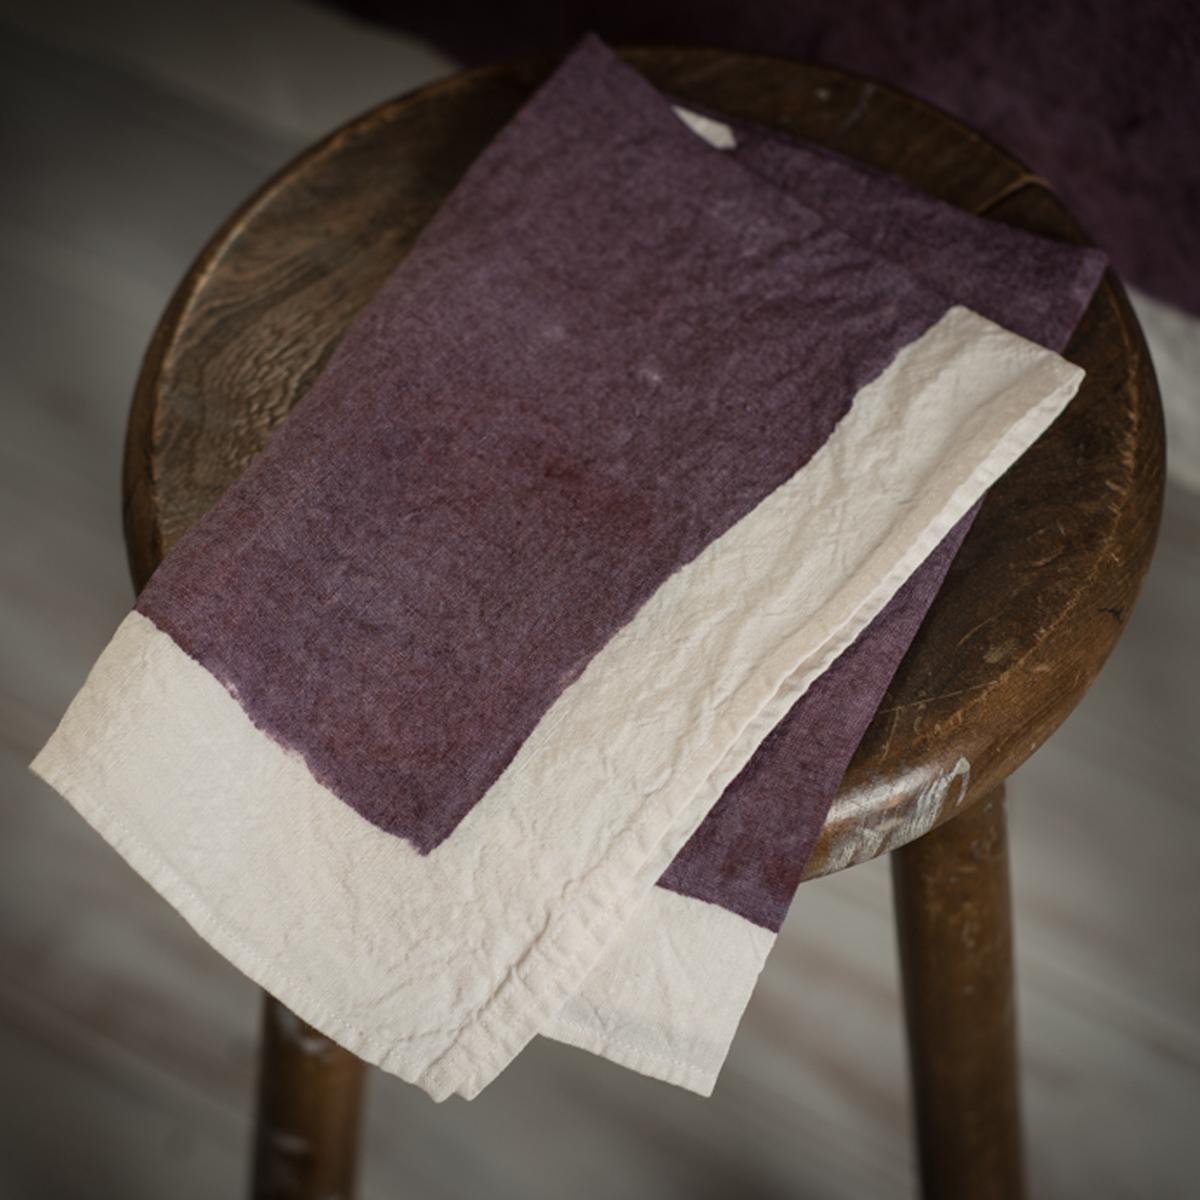 Italian linen napkin